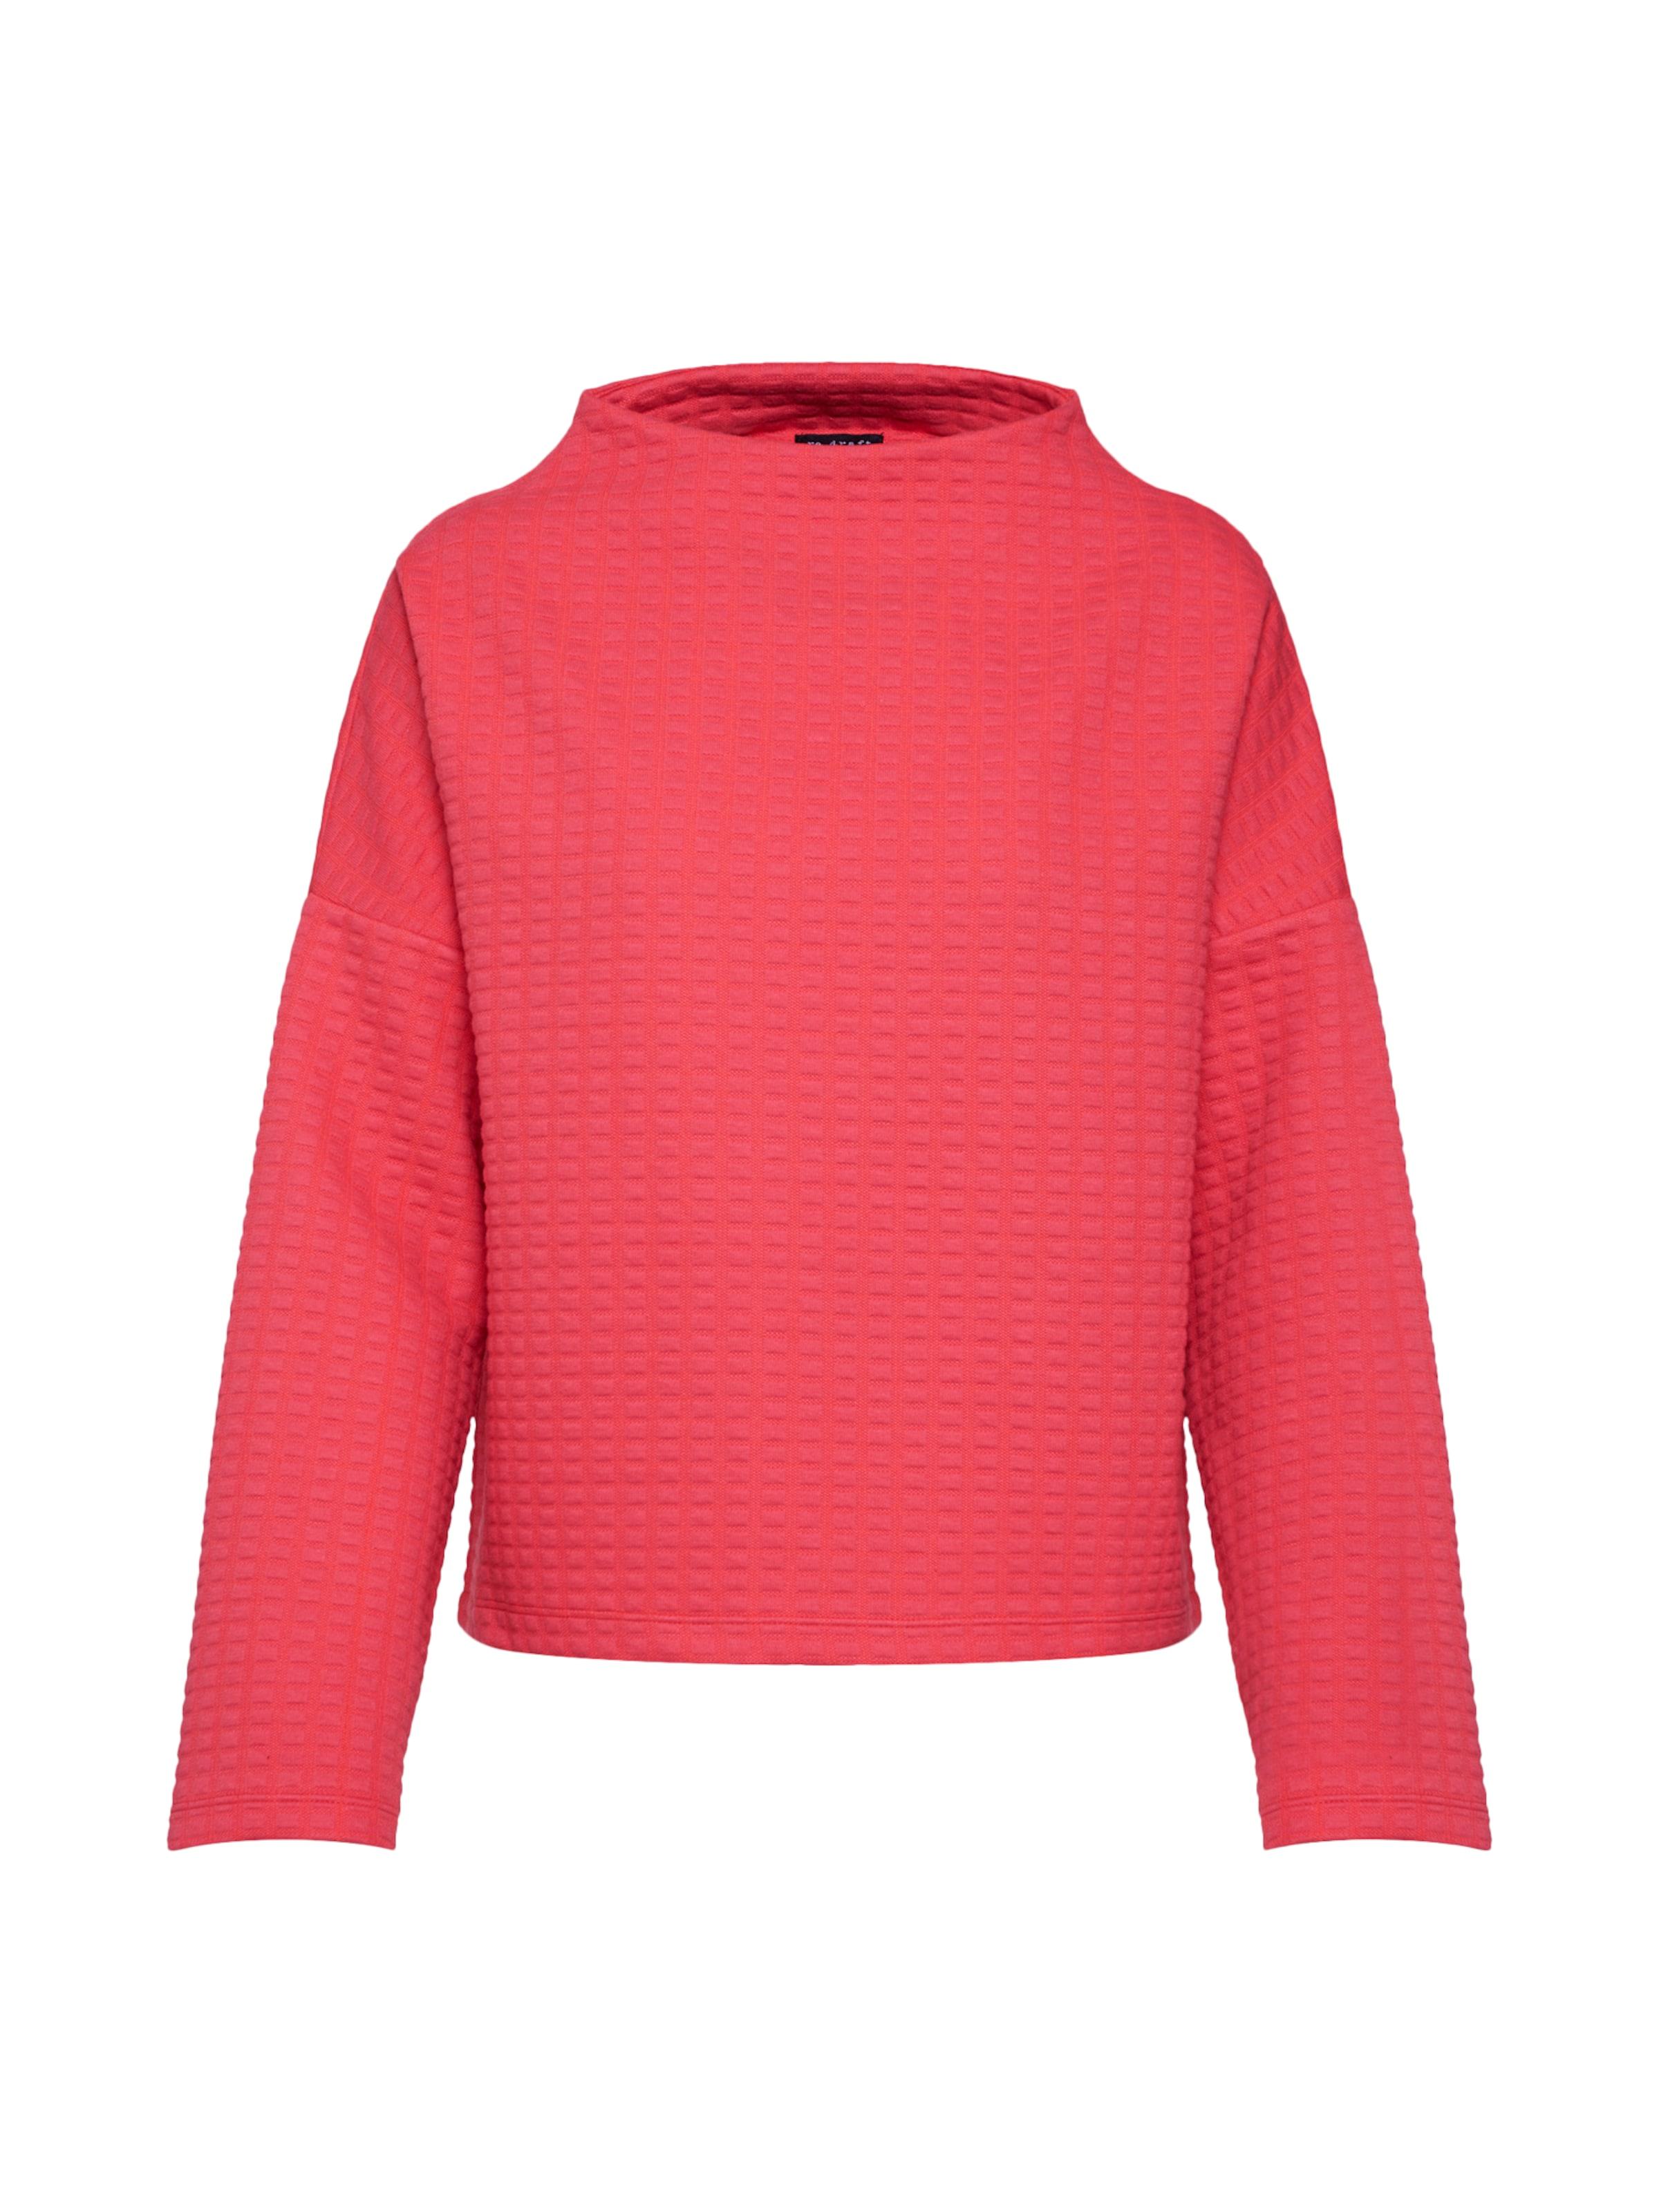 draft Sweat Bleu shirt Re En Marine MqUzVpS